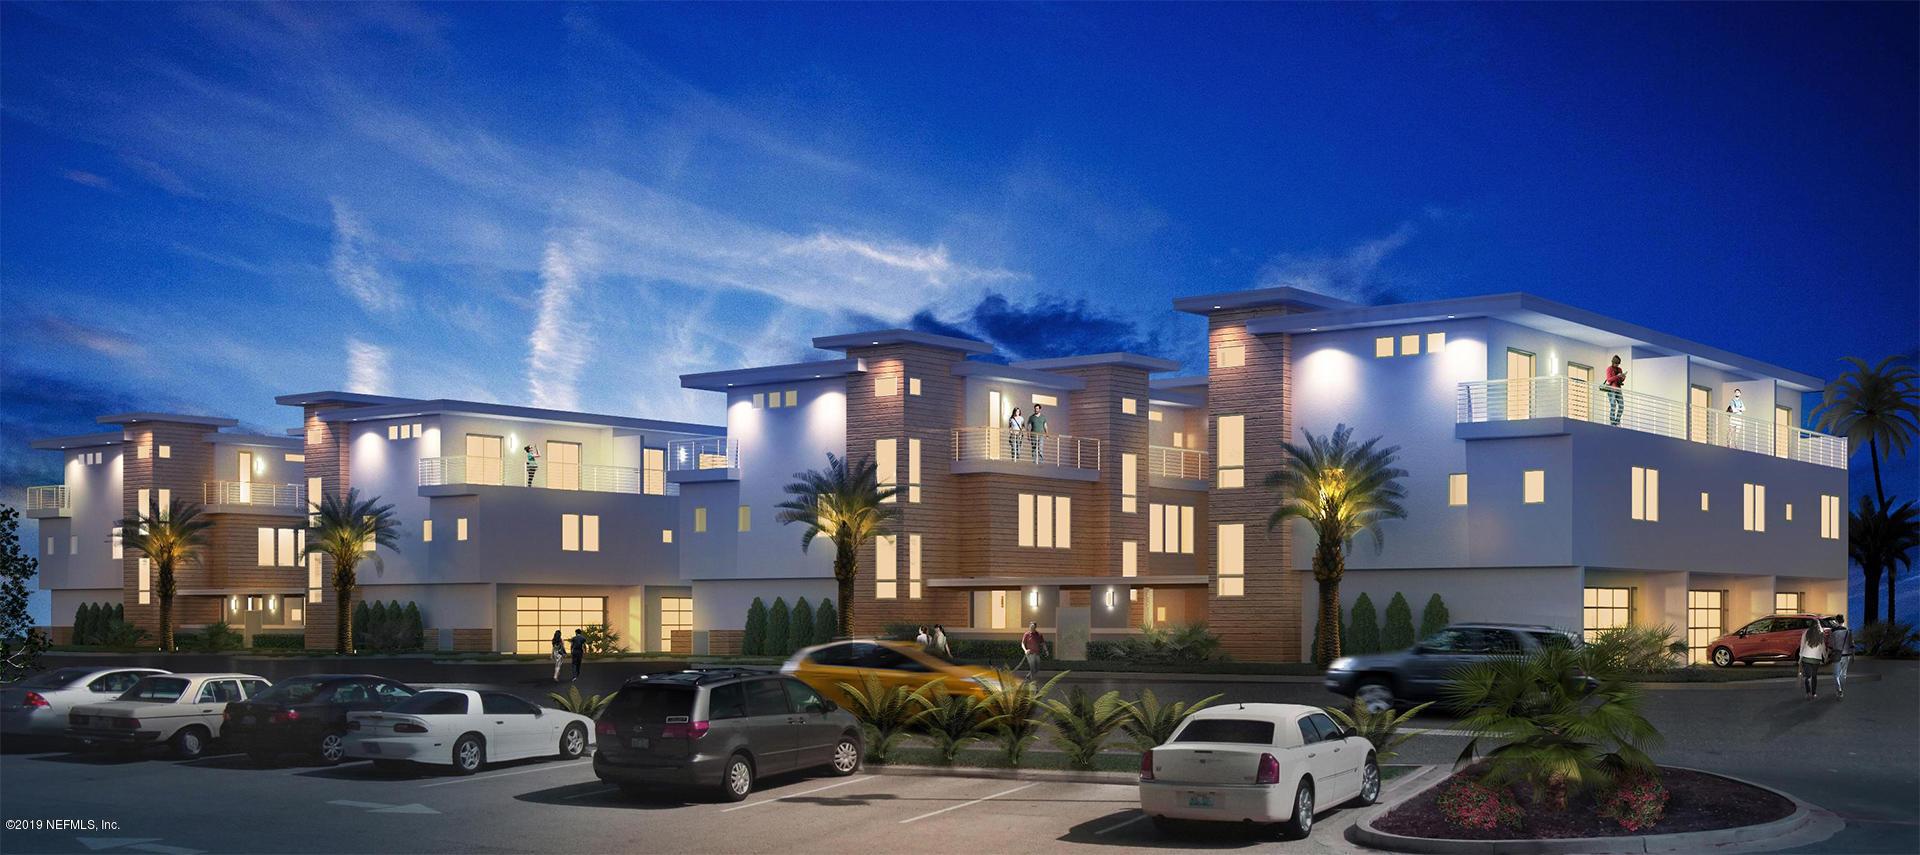 311 AHERN, ATLANTIC BEACH, FLORIDA 32233, 3 Bedrooms Bedrooms, ,2 BathroomsBathrooms,Residential - townhome,For sale,AHERN,995639